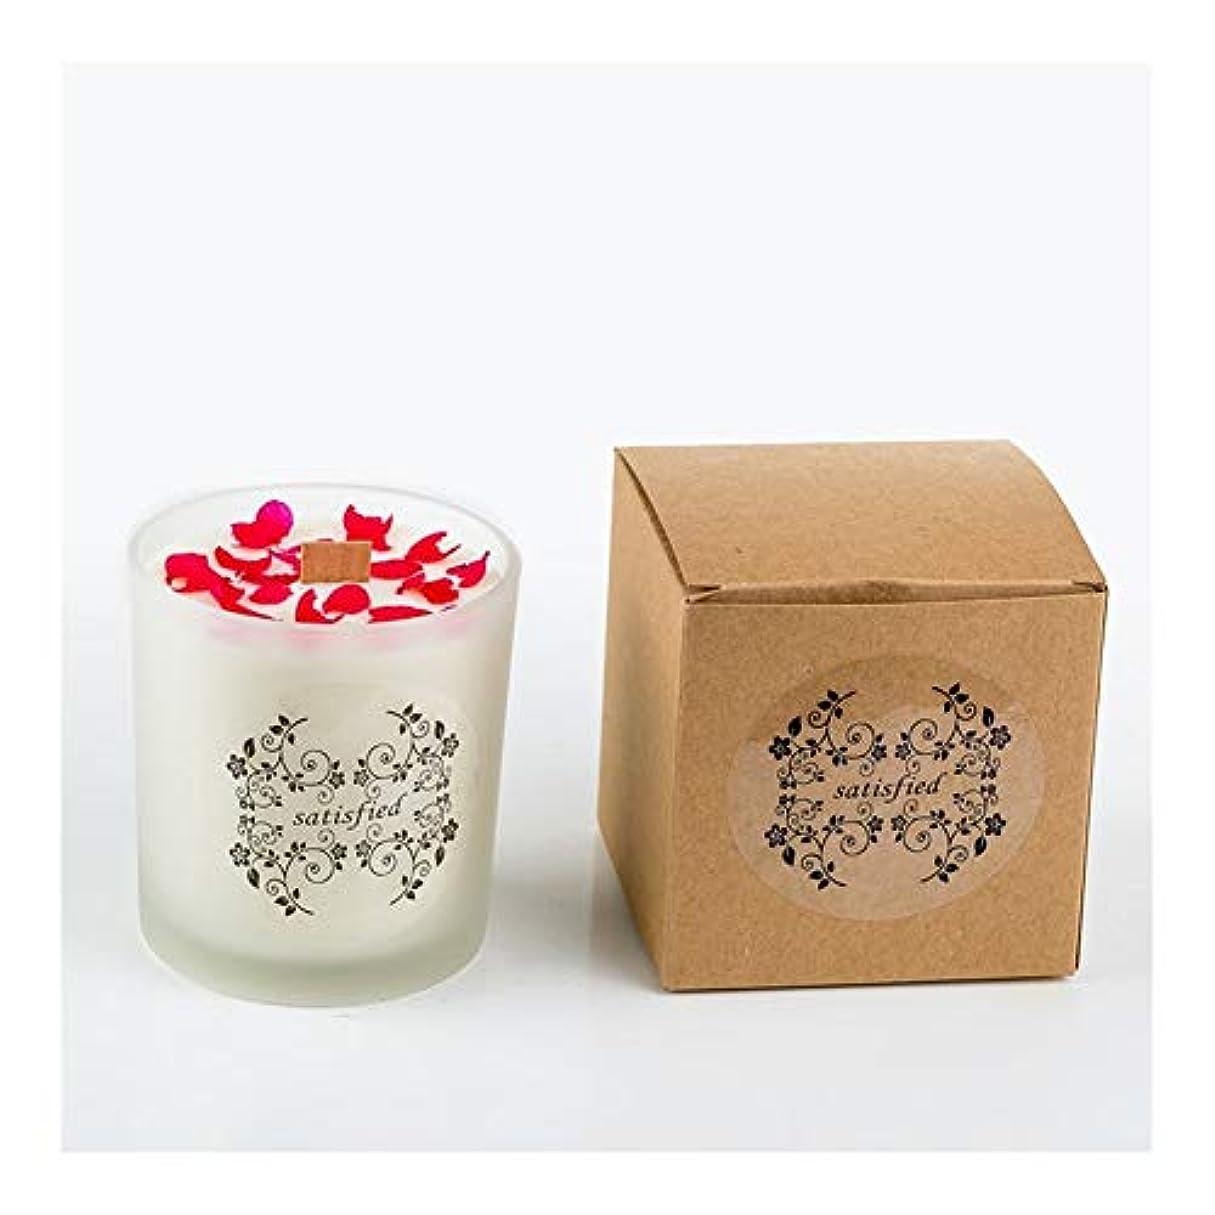 寝室を掃除する恒久的注入ACAO ロマンチックな香りのキャンドルエッセンシャルオイル大豆ワックスガラスアロマセラピーロマンチックな誕生日ギフトの提案無煙の香り (色 : Xiang Xuelan)